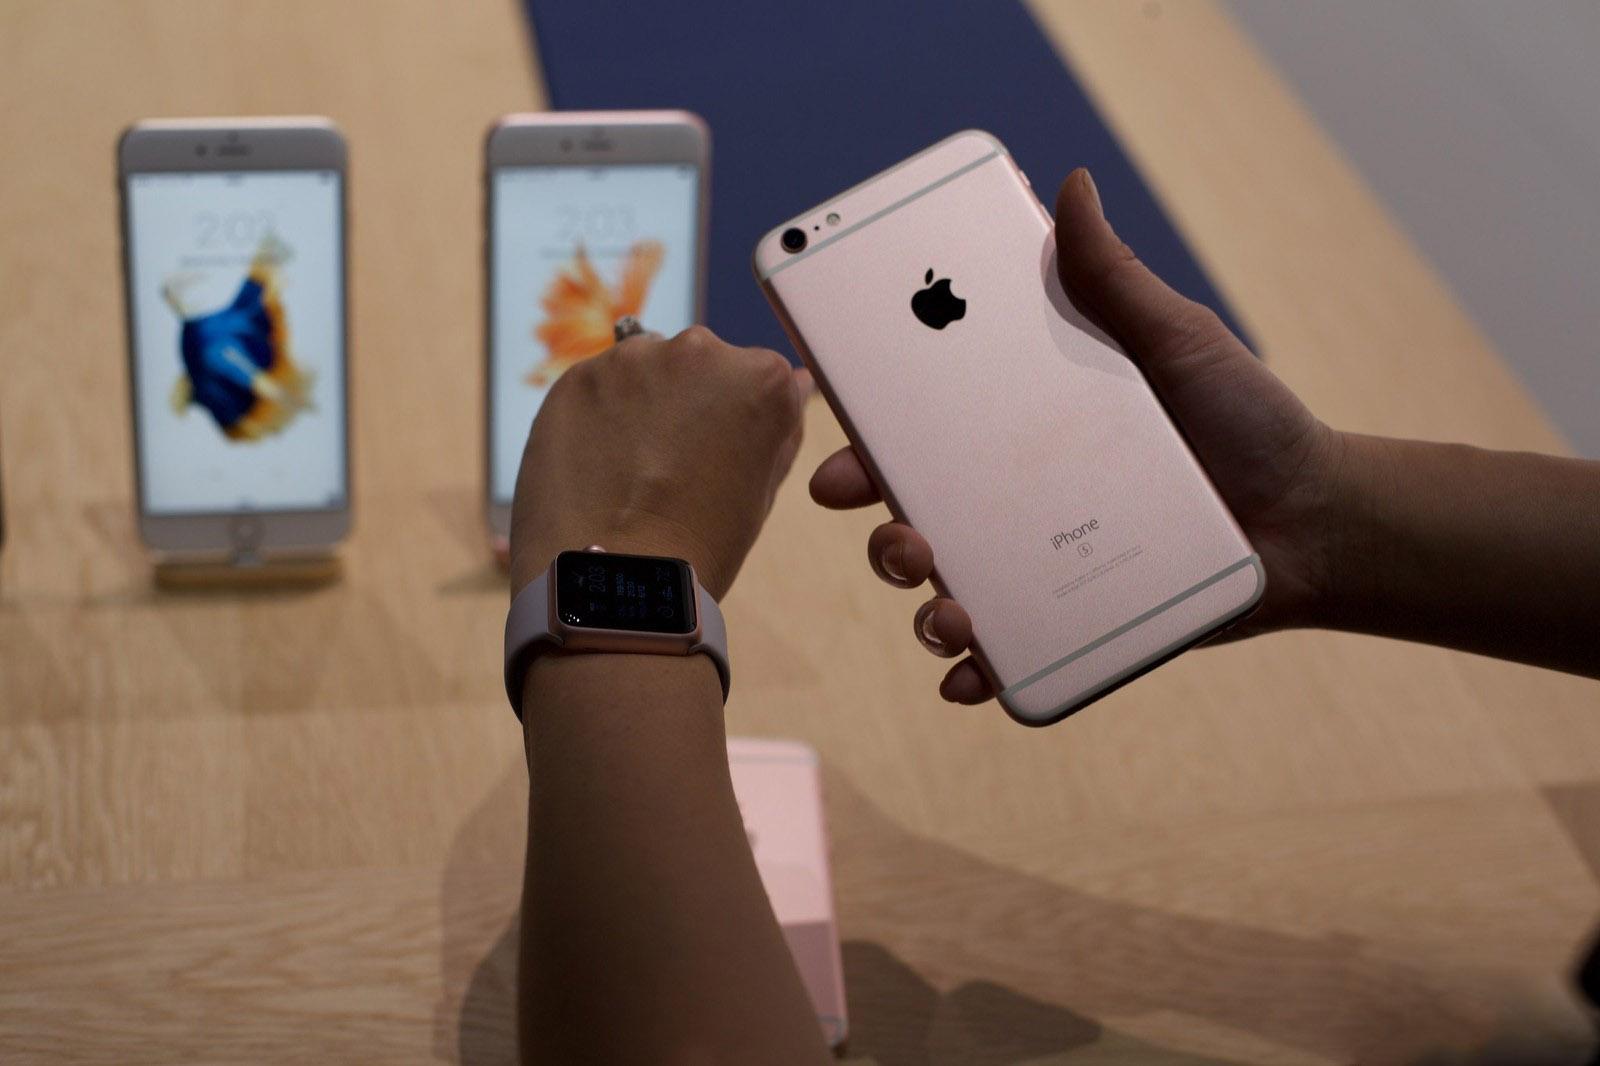 Батарея iPhone 6s и 6s Plus меньше, чем в предыдущем поколении